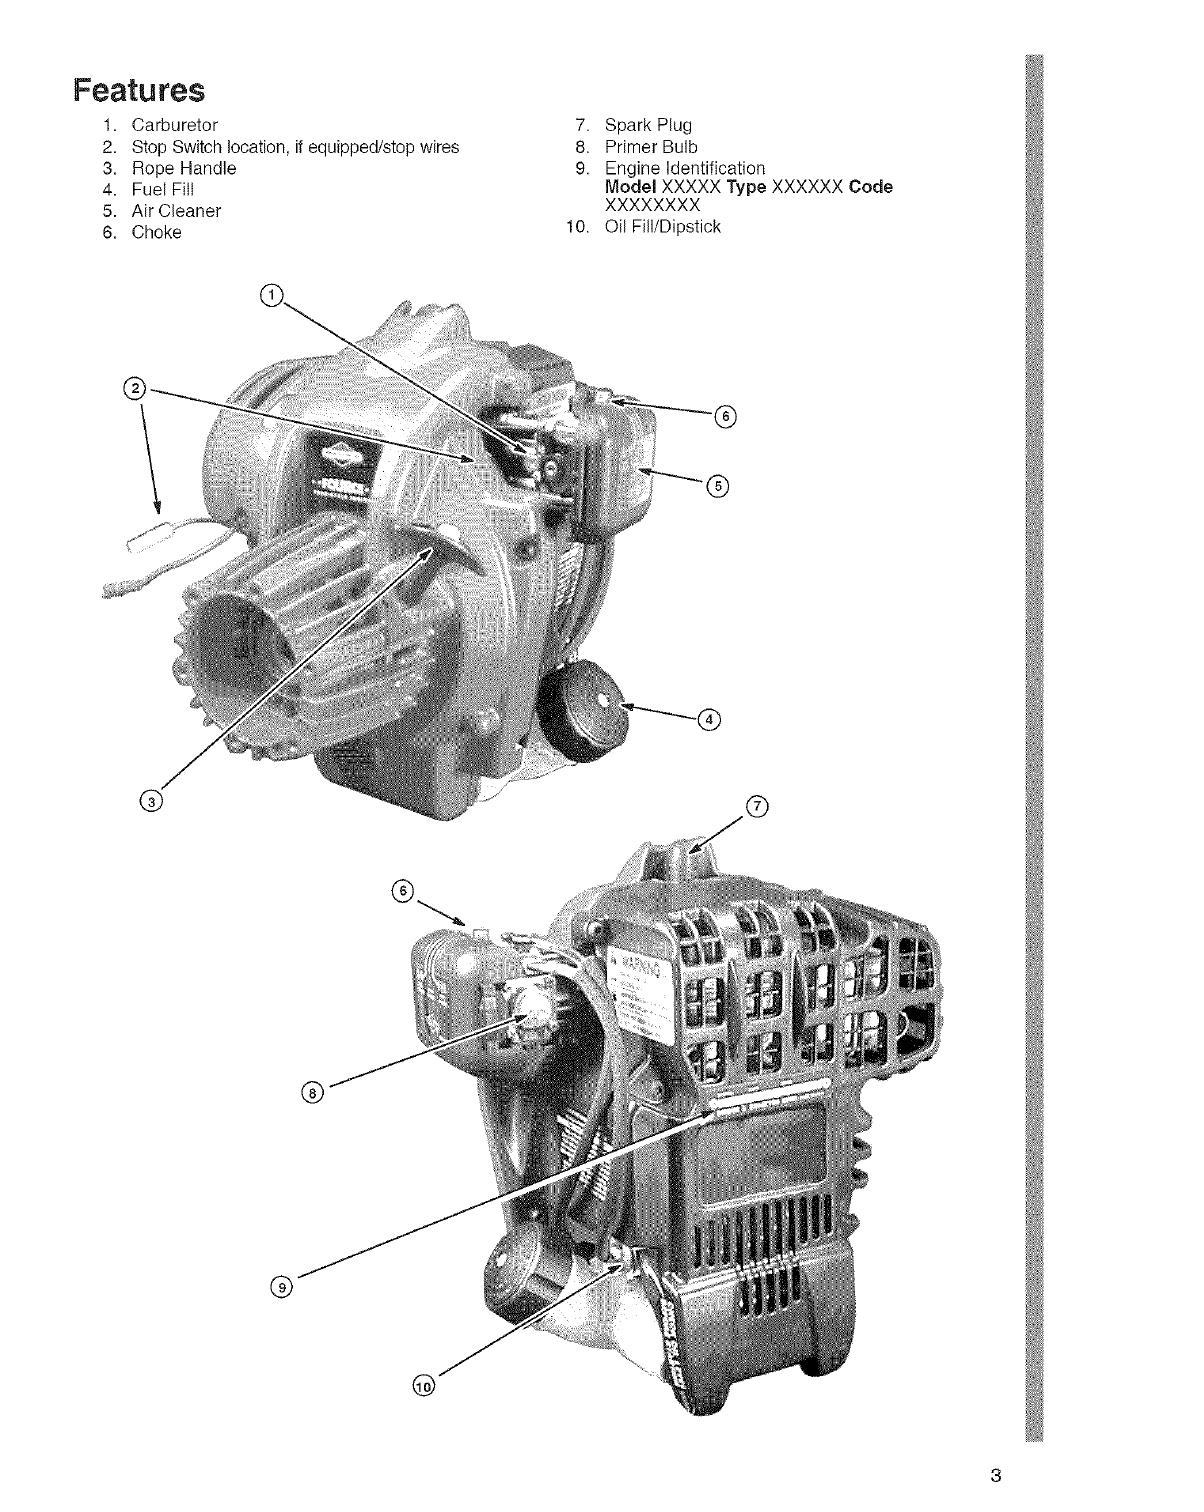 Briggs & Stratton 021032 0562 E1 User Manual GAS ENGINE